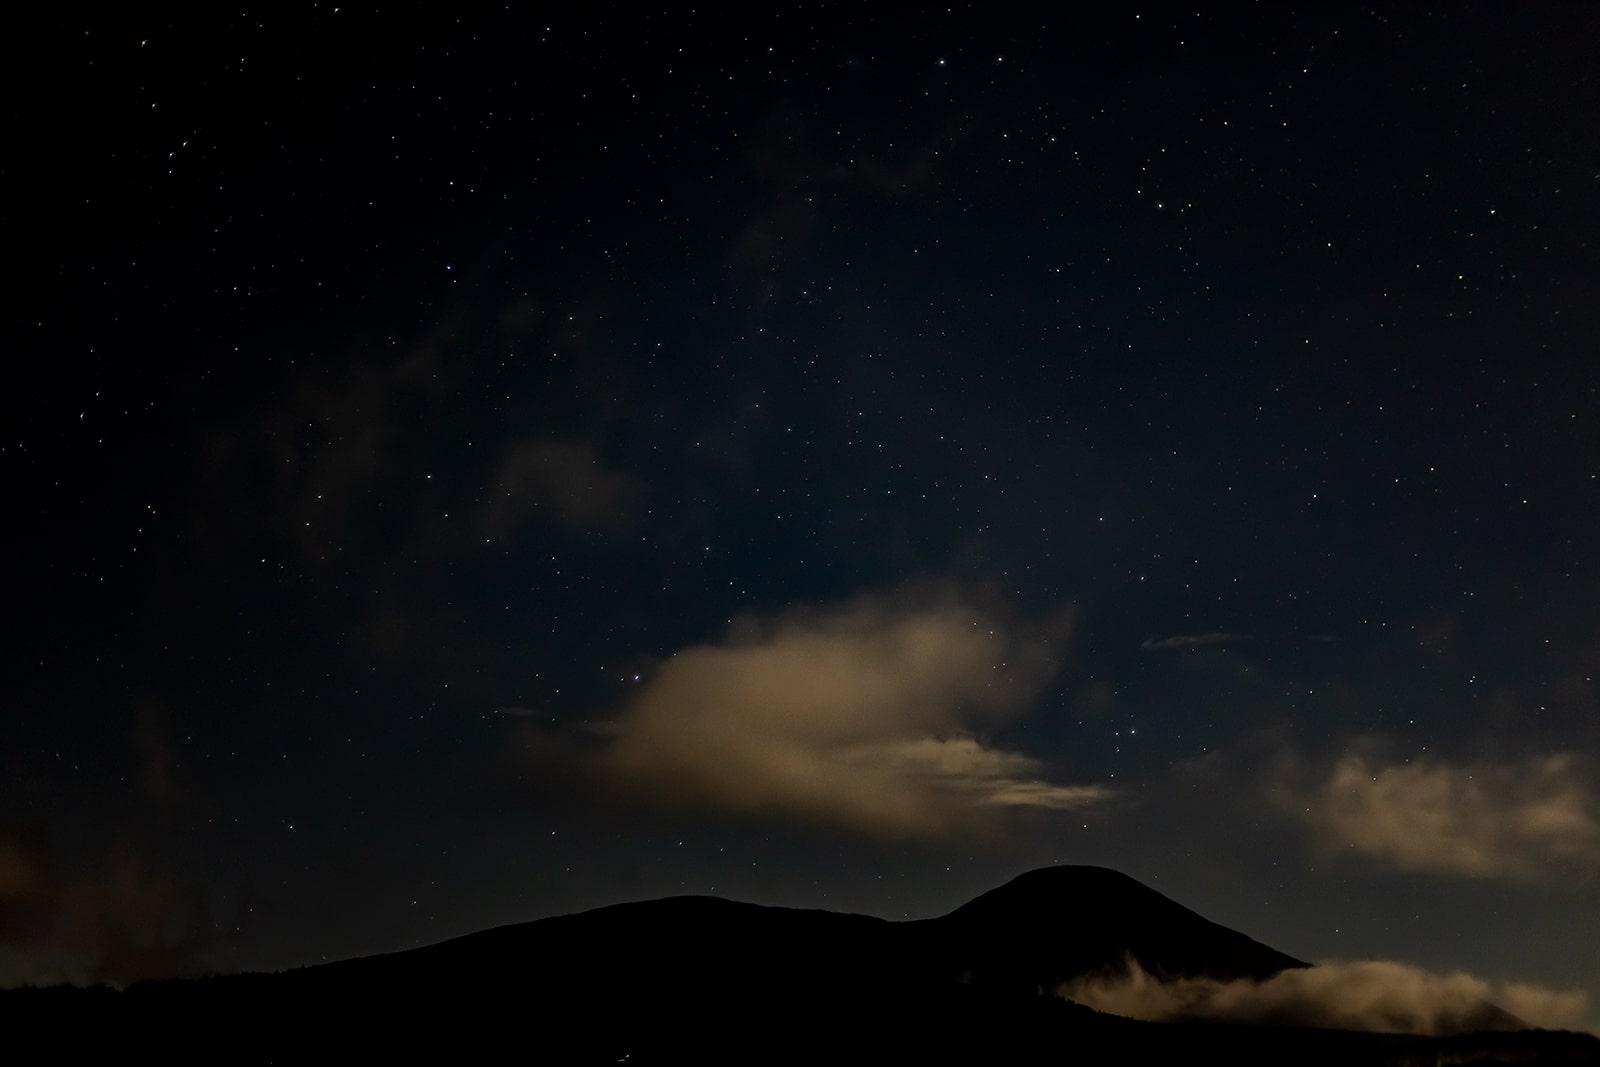 白樺高原にある蓼科第二牧場からの星空